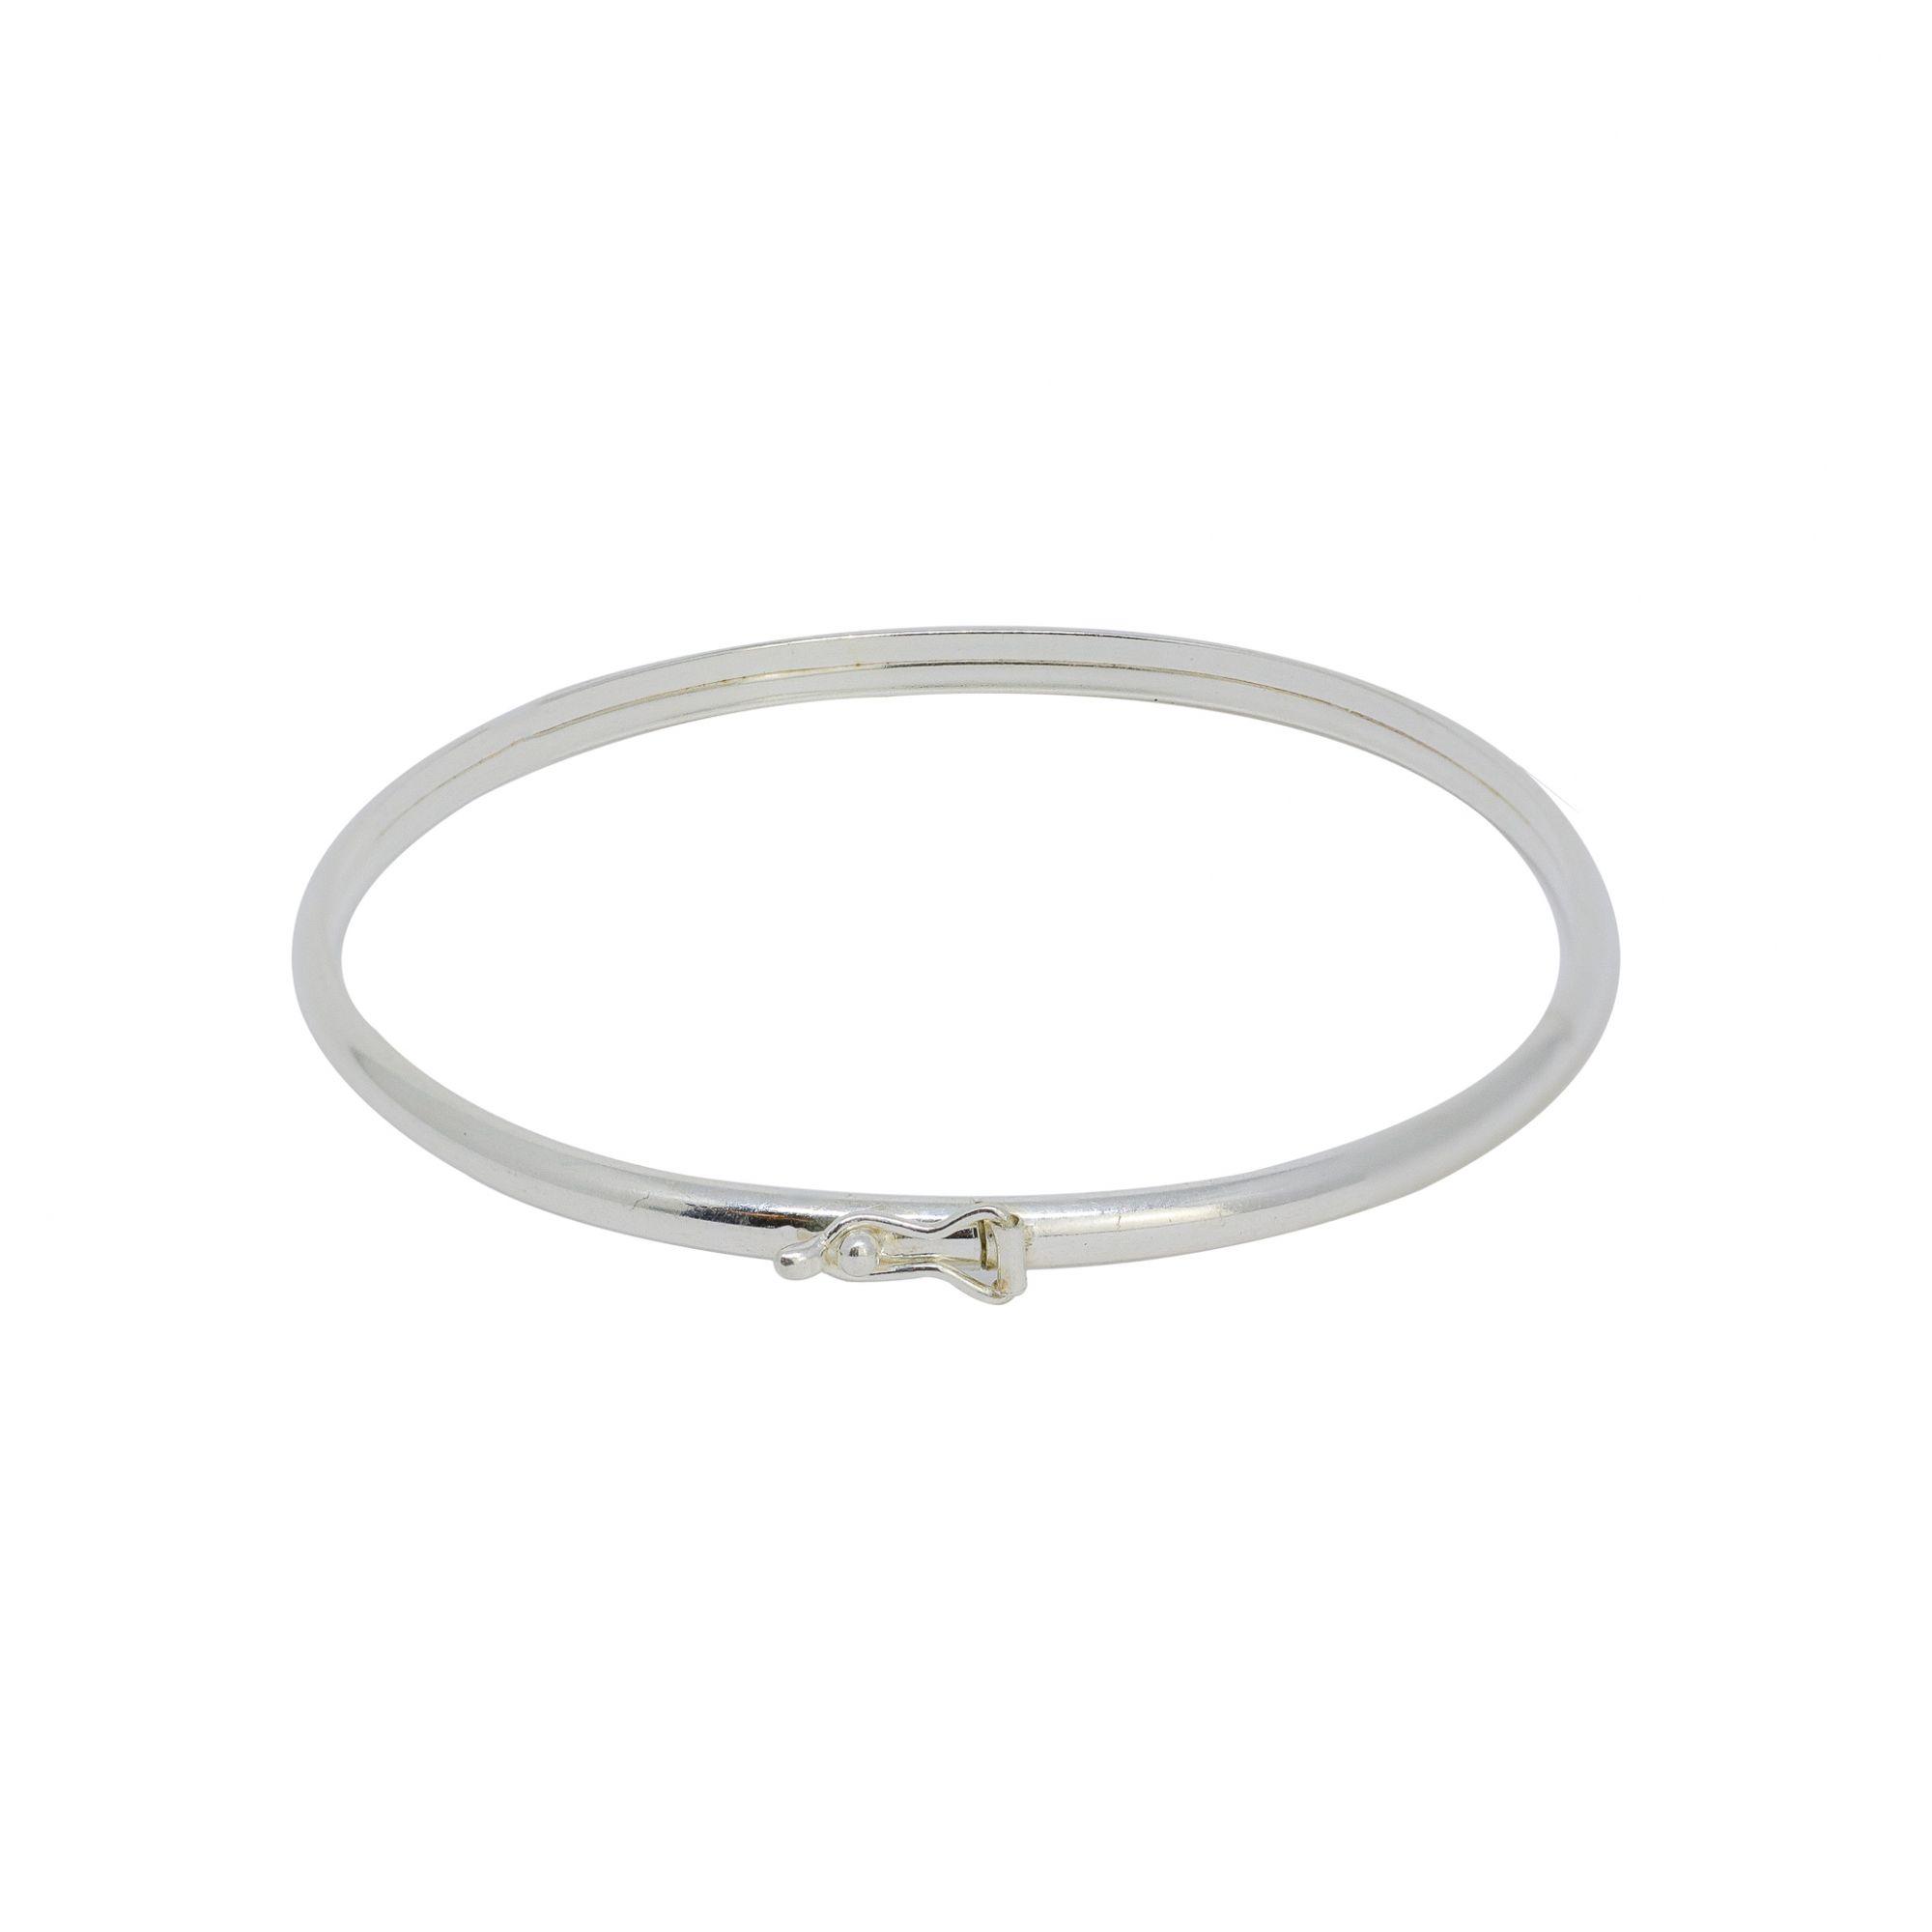 Bracelete prata 925 oco fio abaulado 2,9mm